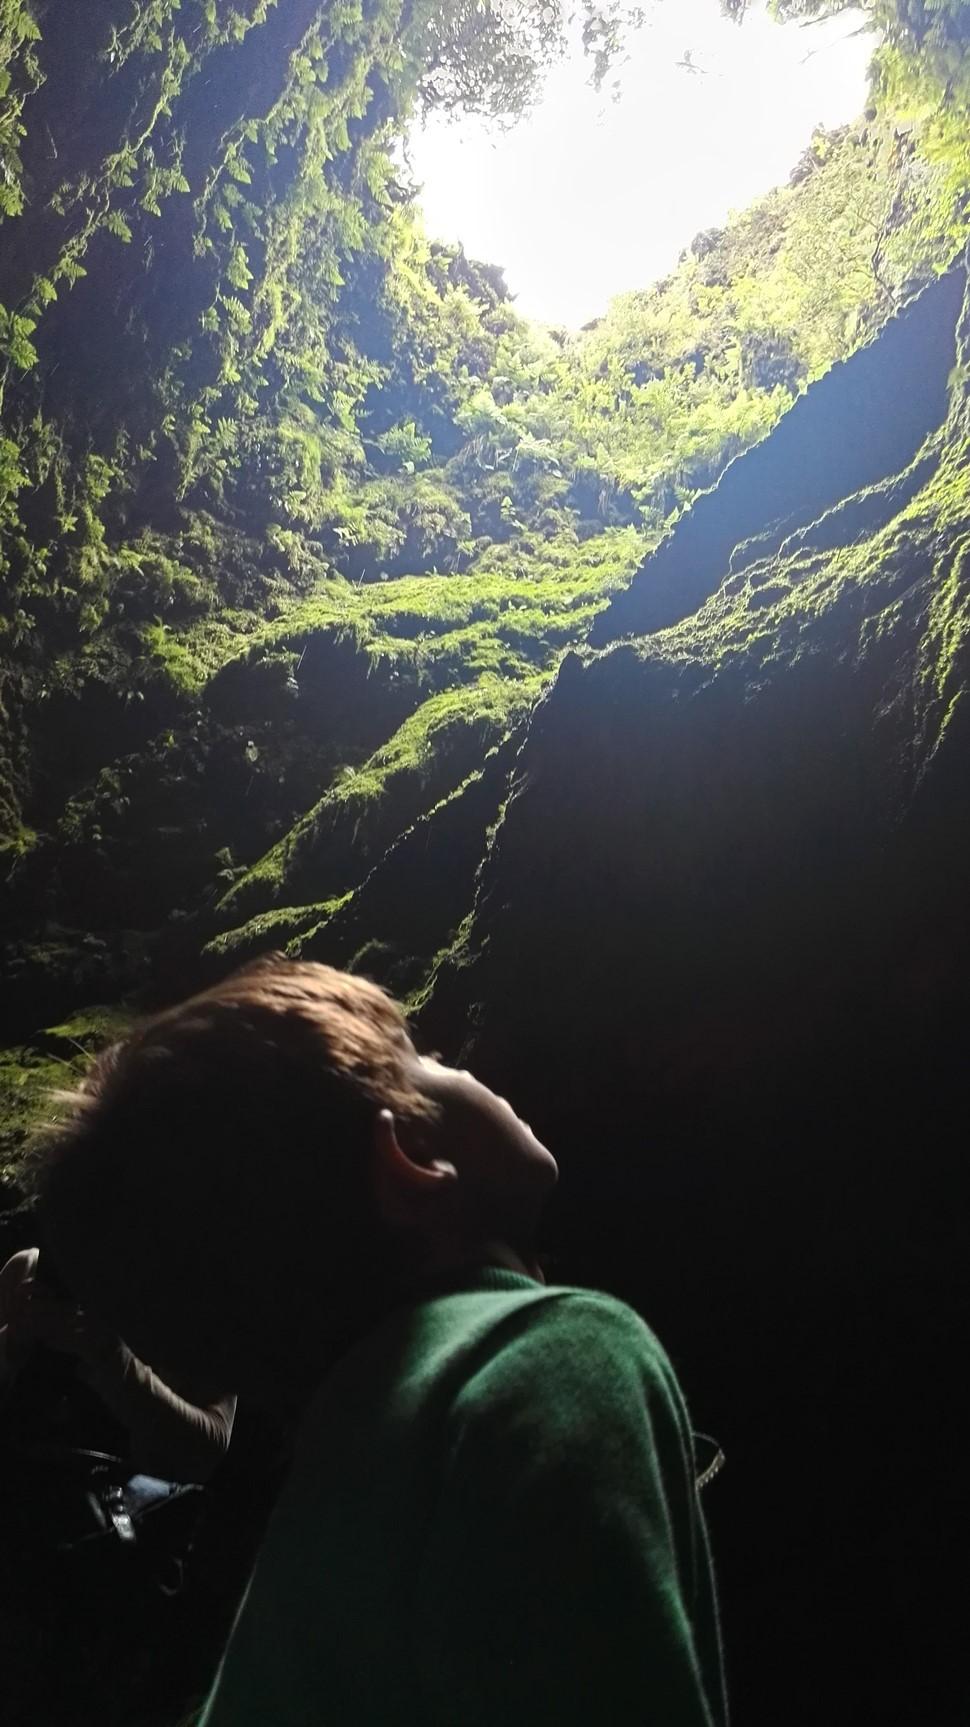 Ascensión C Viaje a la Atlántida El regalo de la naturaleza